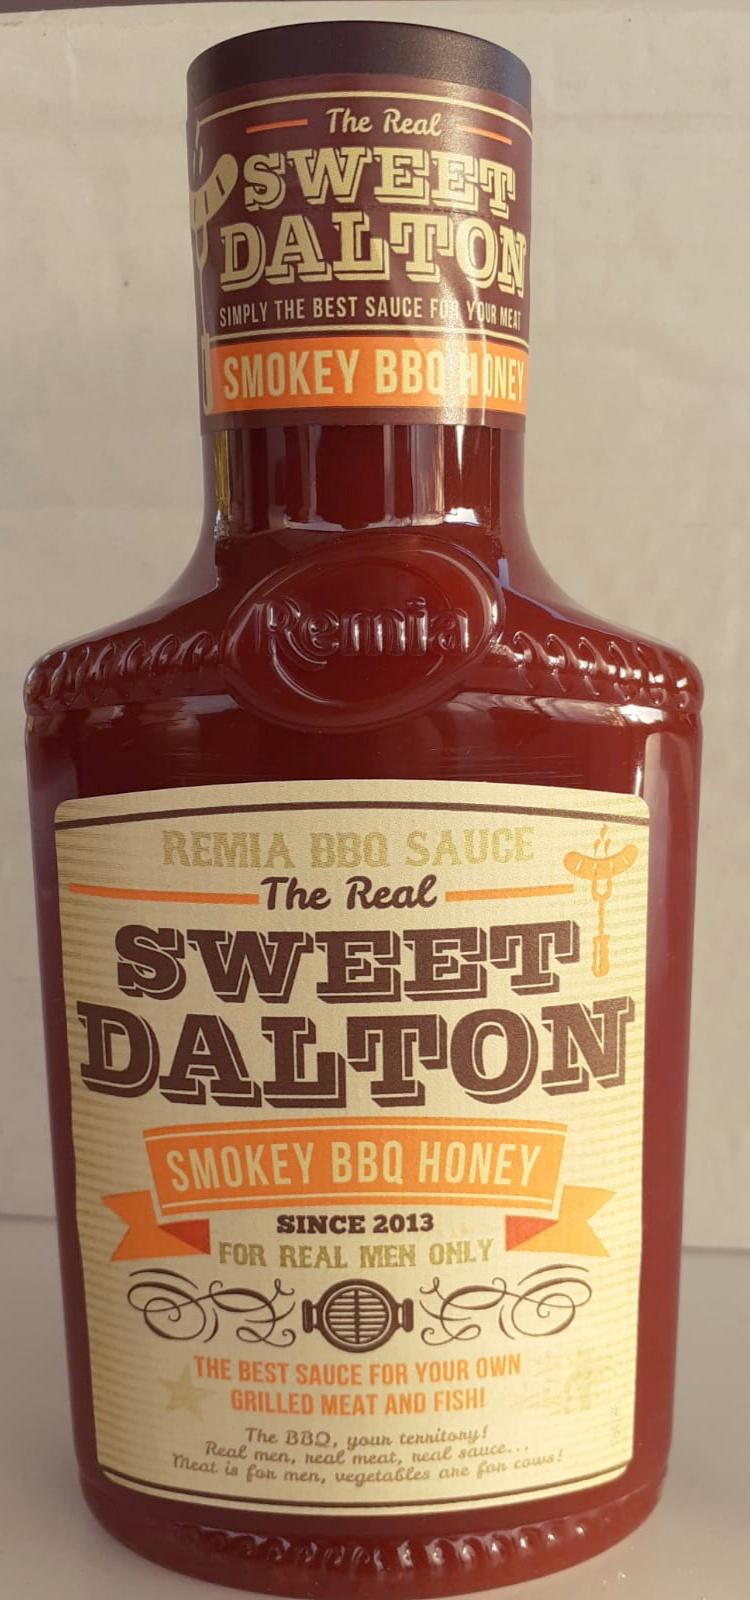 רוטב ברבקיו מעושן עם דבש DALTON